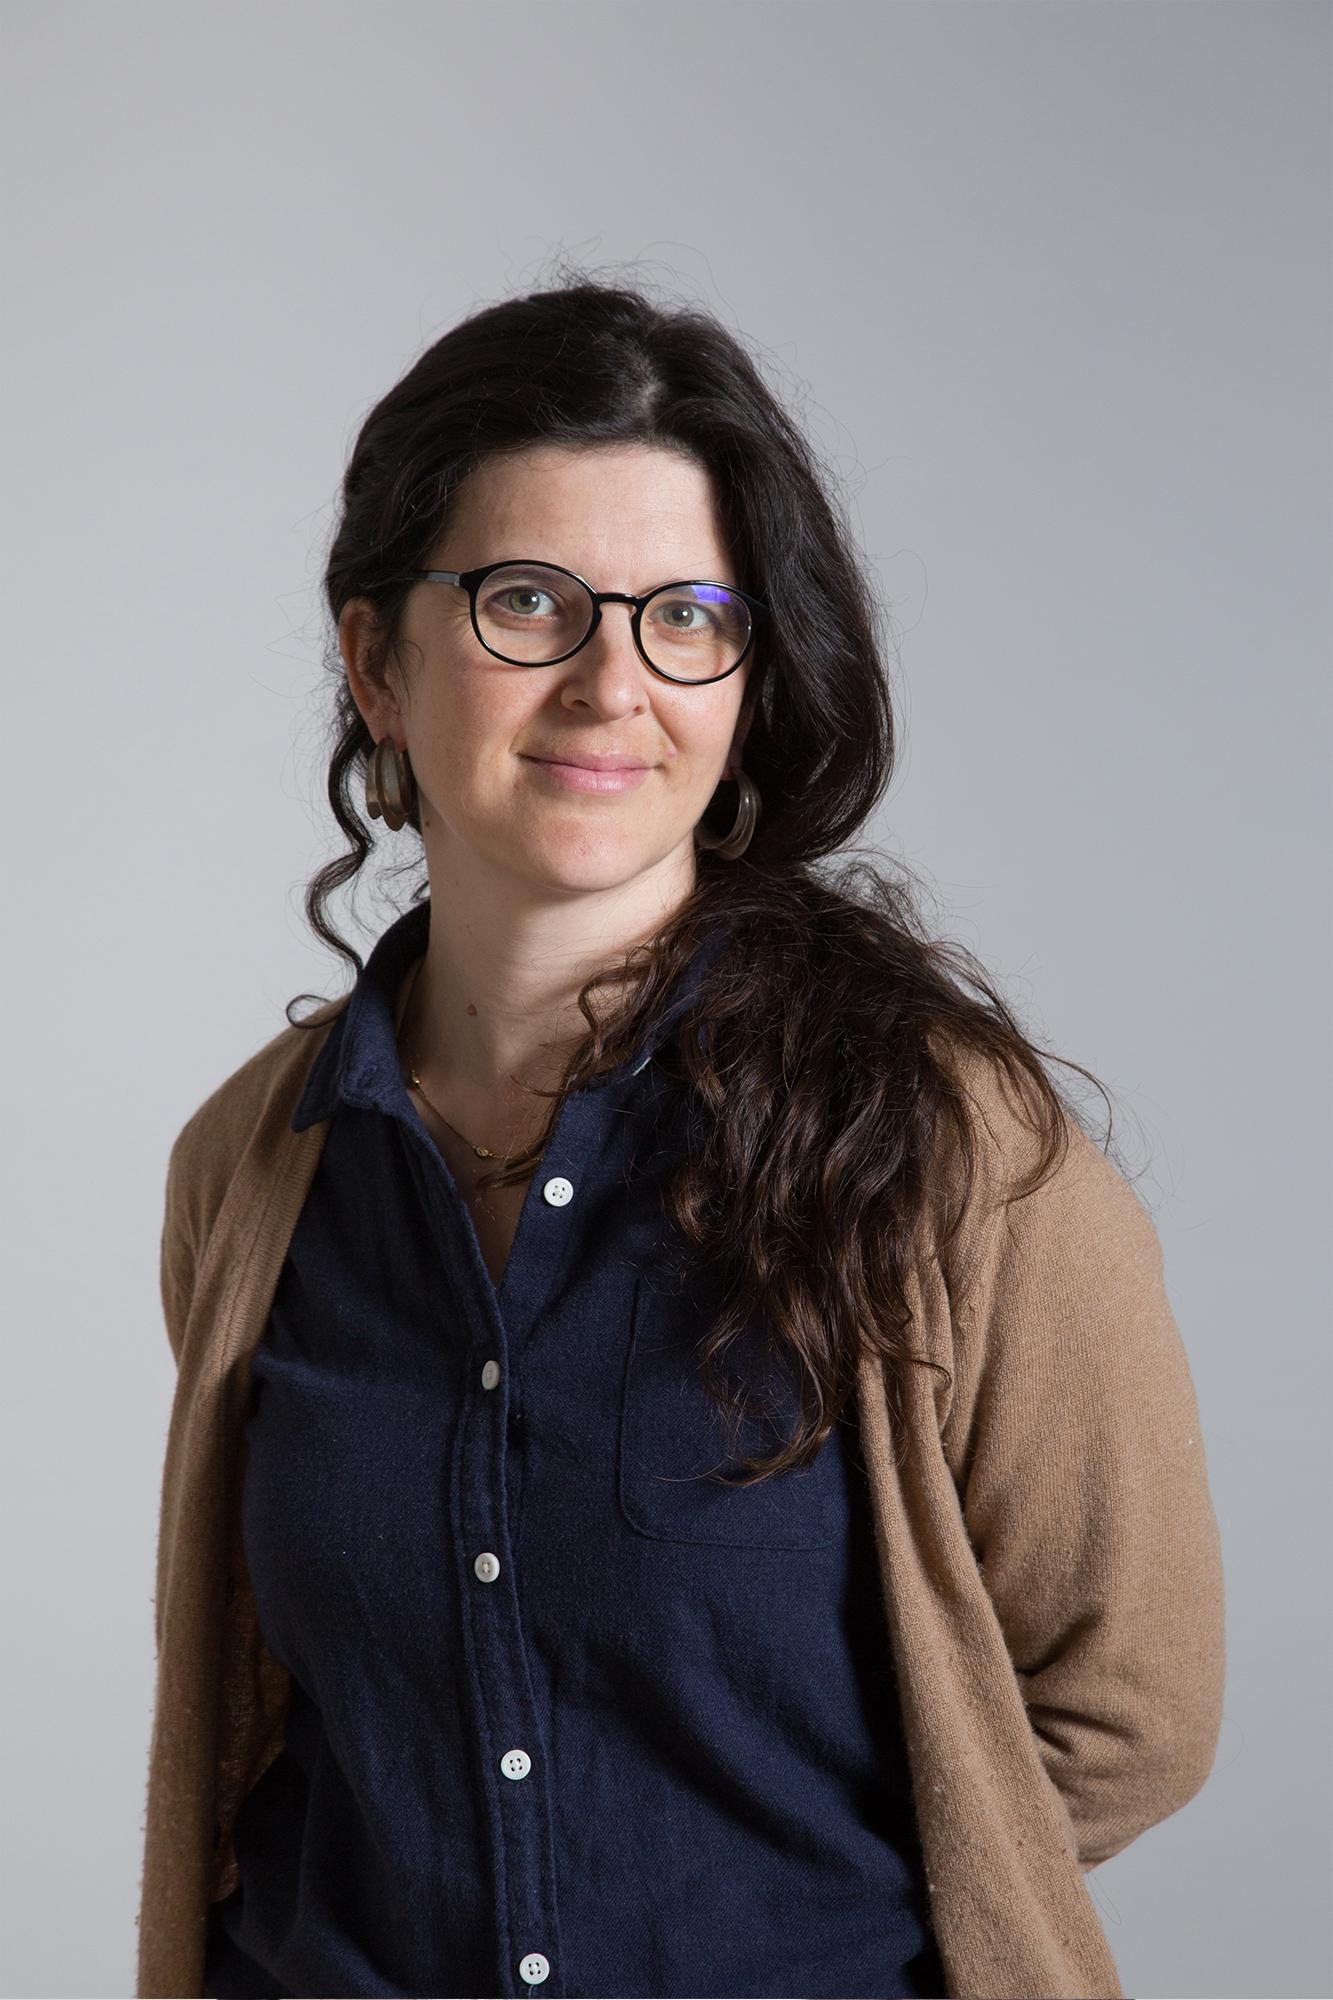 Photo of Elise Pisani